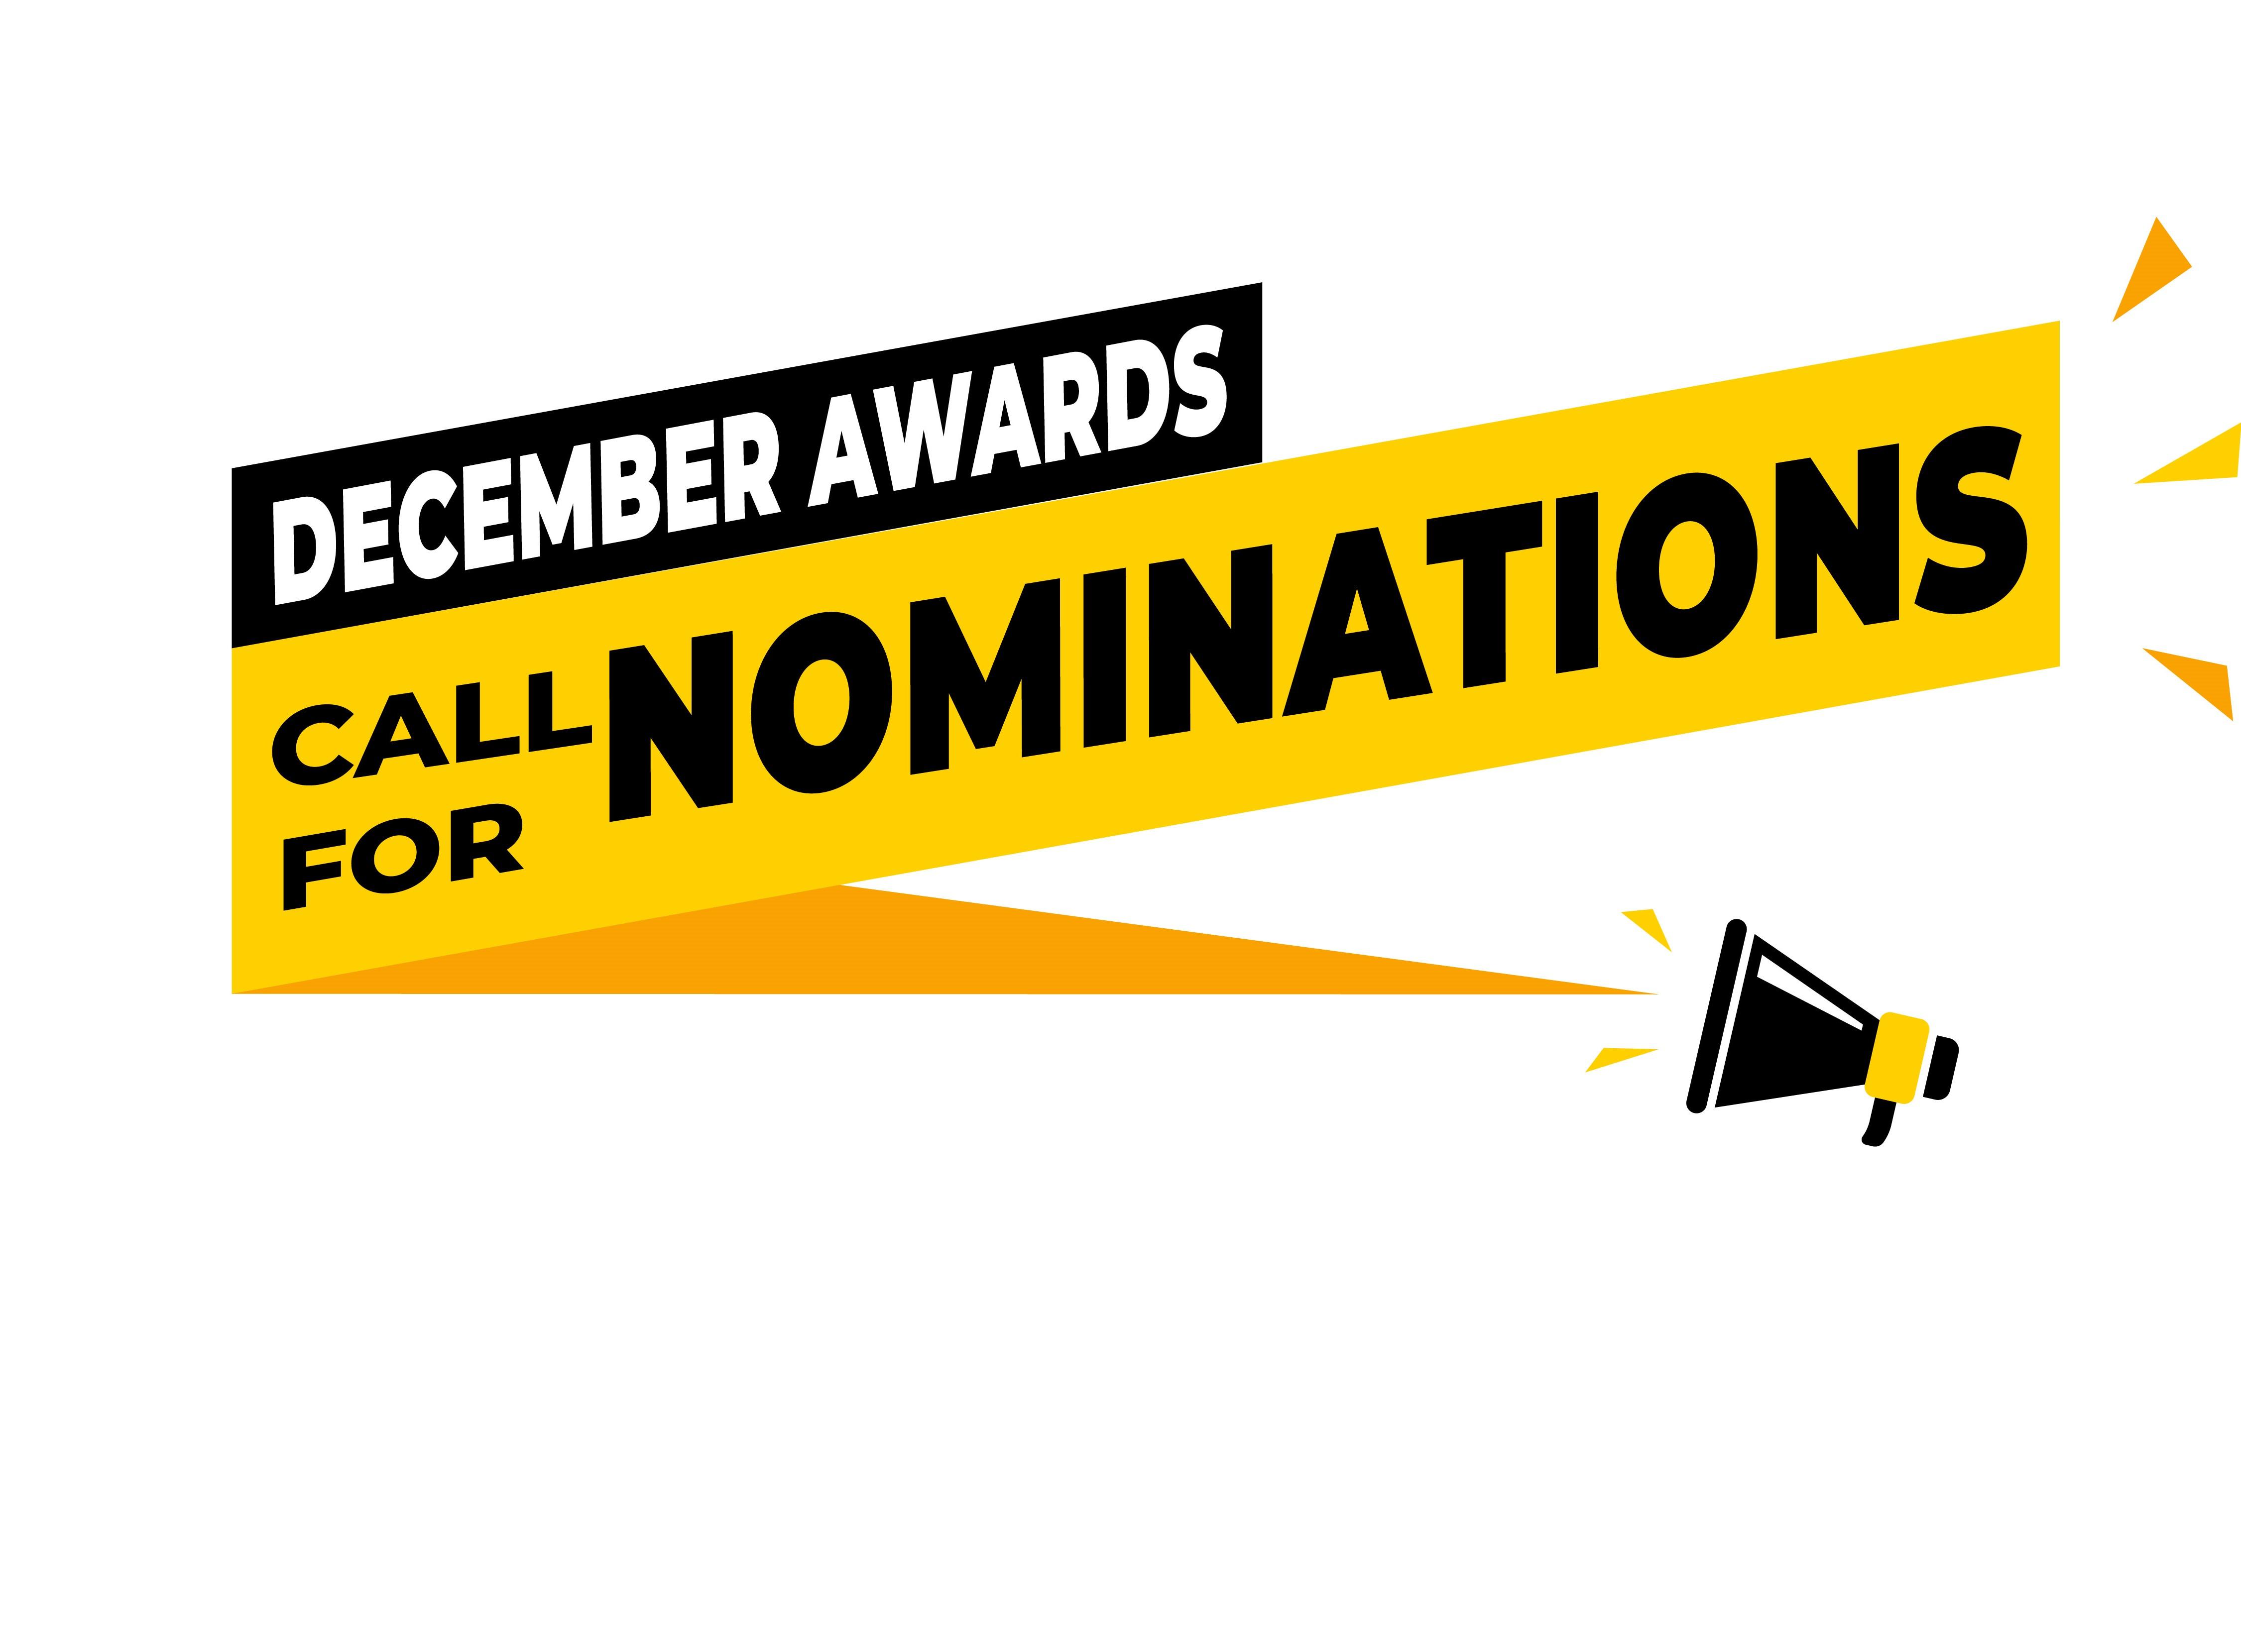 Dec-awards-nominations